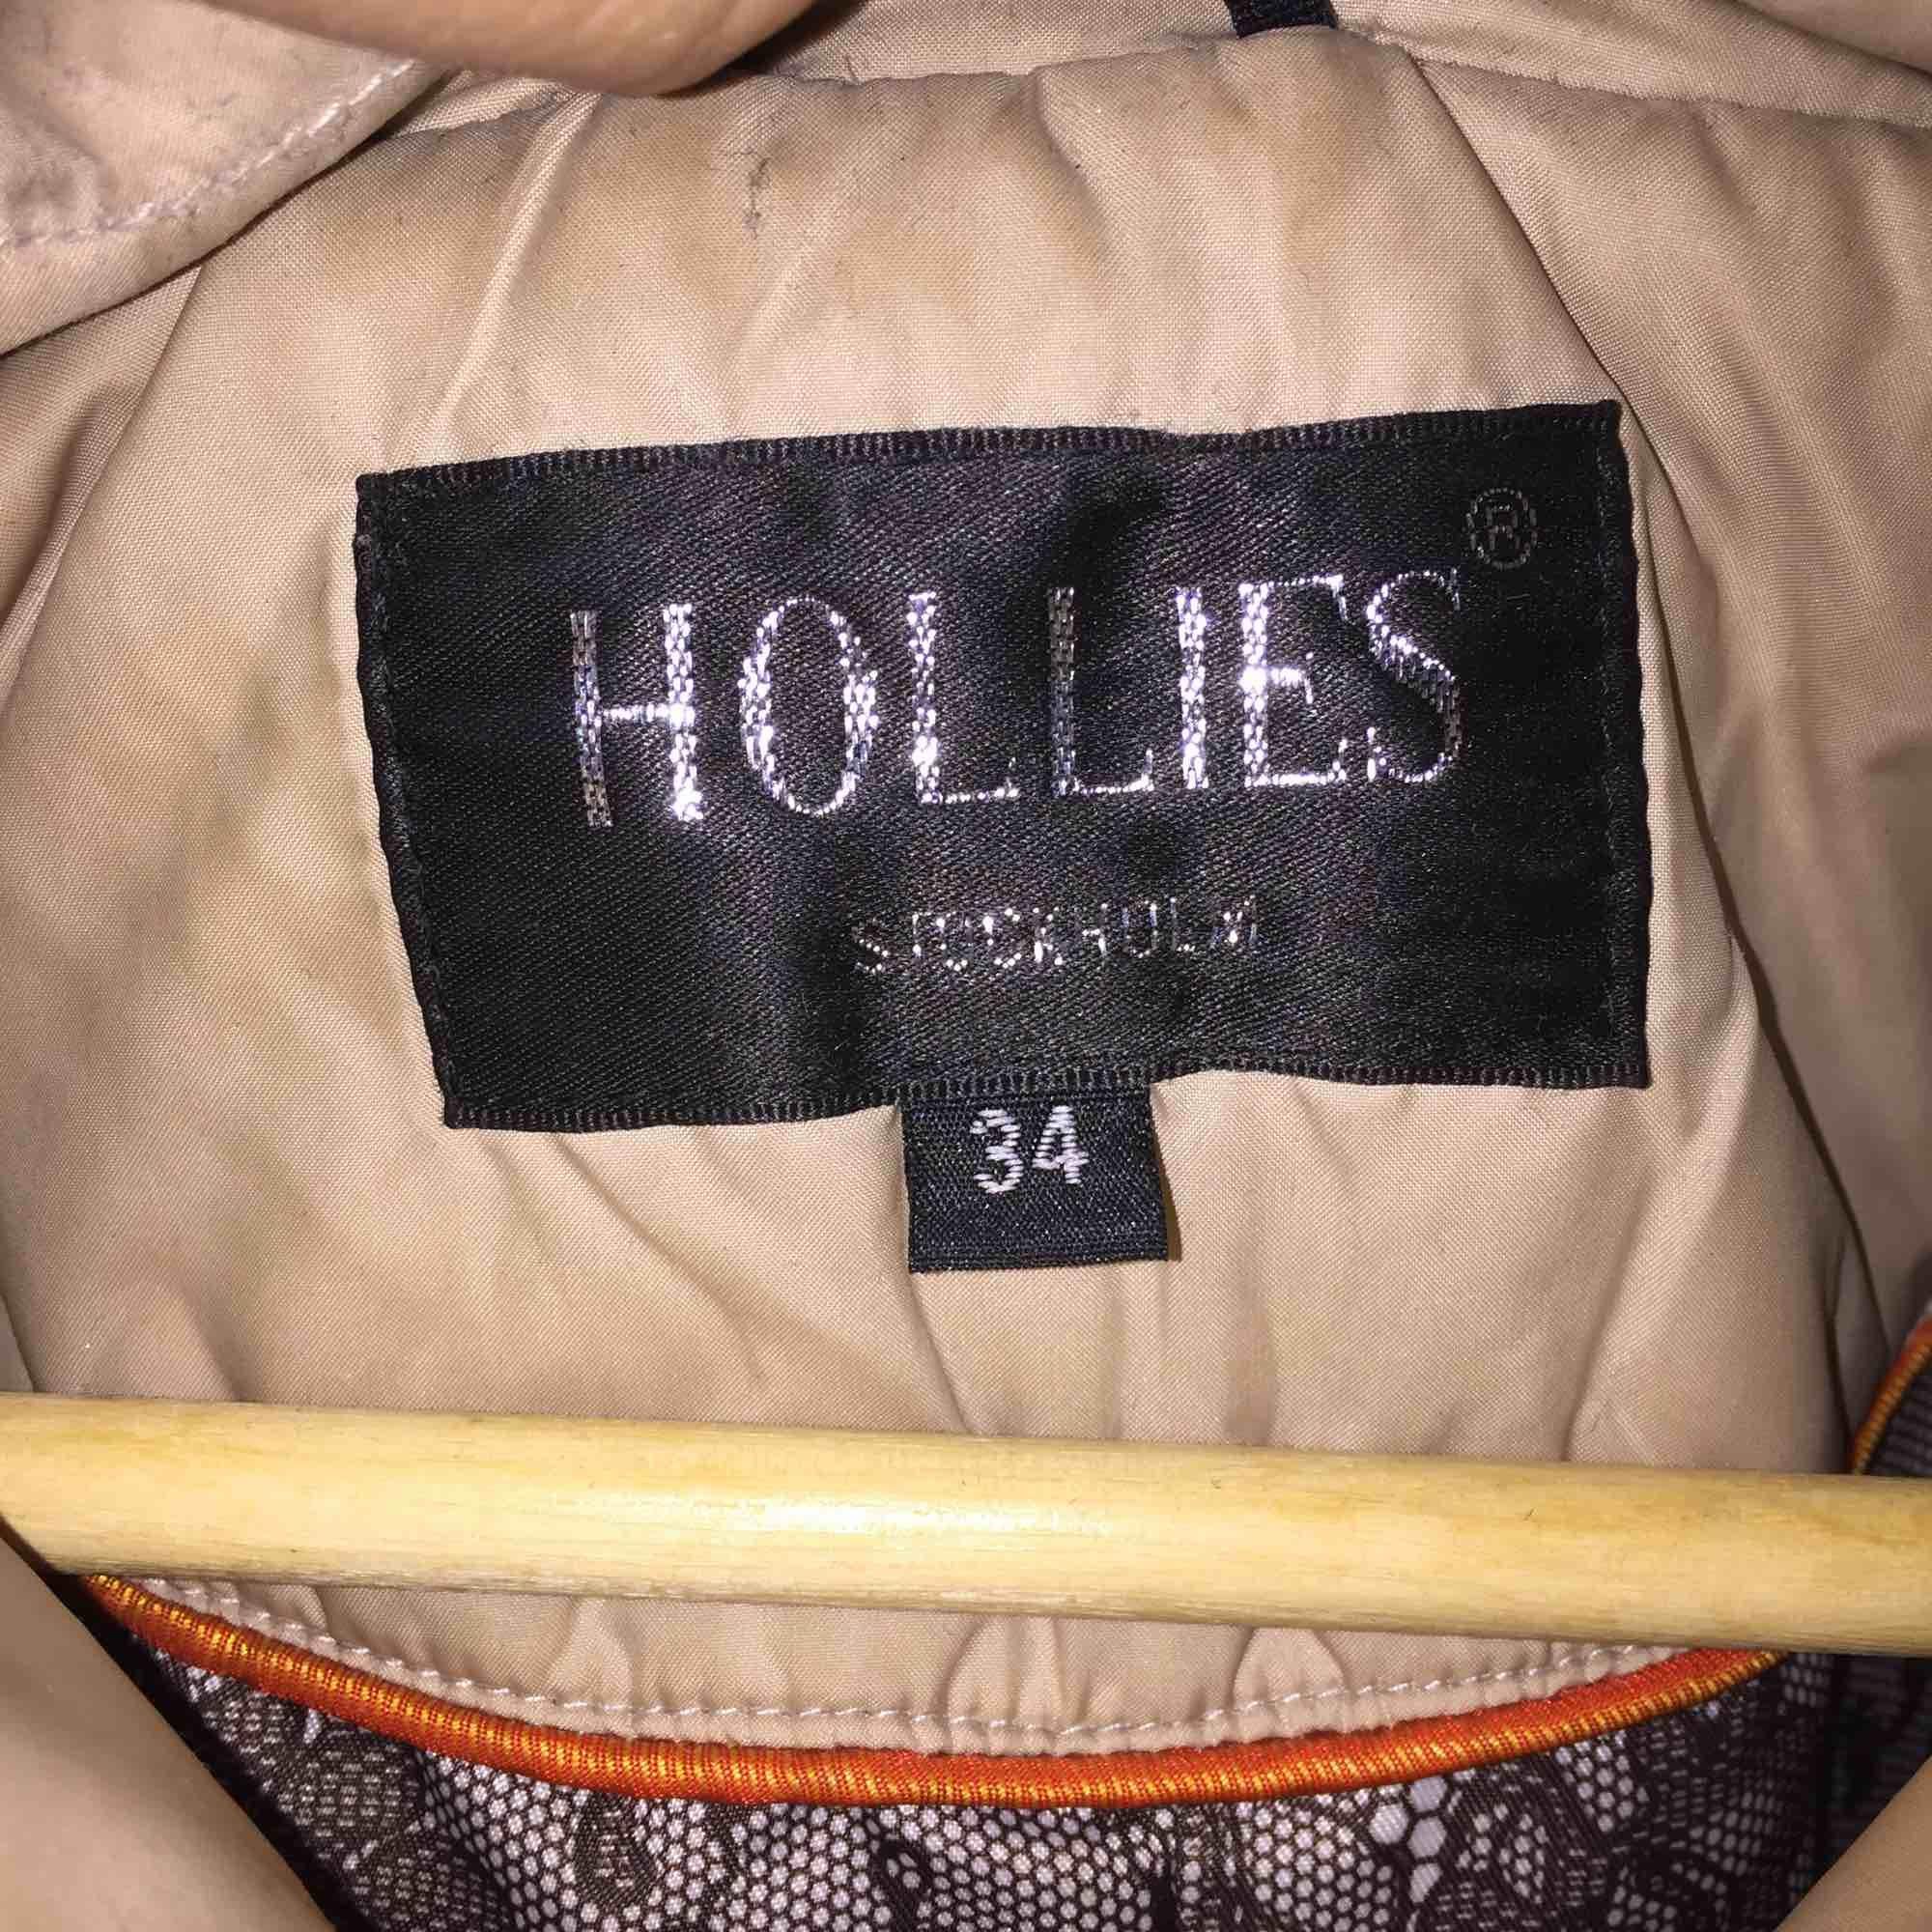 Väl använd jacka från Hollies, beige färg med äkta päls, nypriset ligger runt 4000kr, mitt pris 600kr. Kan skicka fler bilder på jackan om du är intresserad! . Jackor.